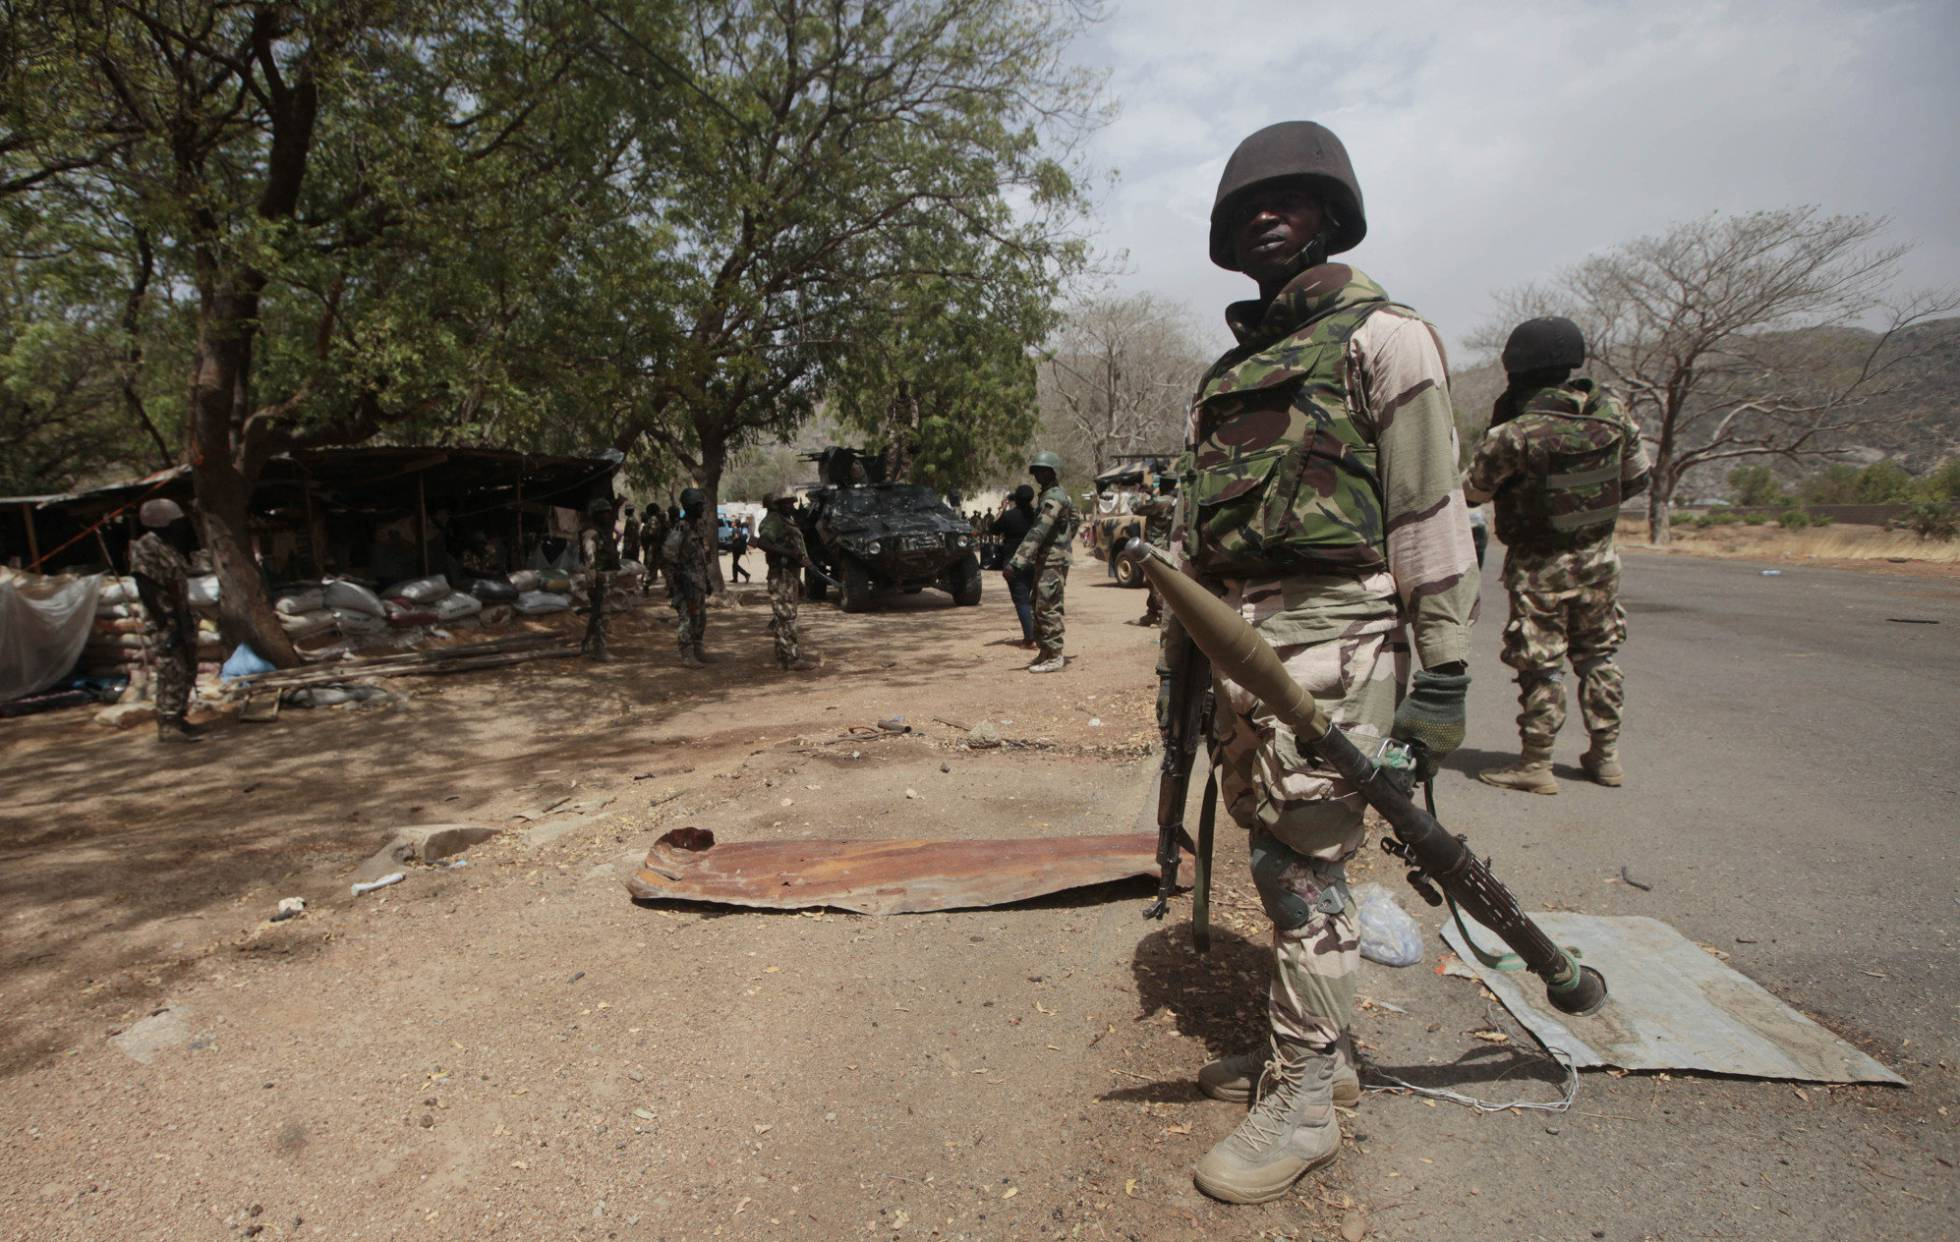 Conflicto armado en Nigeria - Página 6 1482590862_114253_1482591139_noticia_normal_recorte1